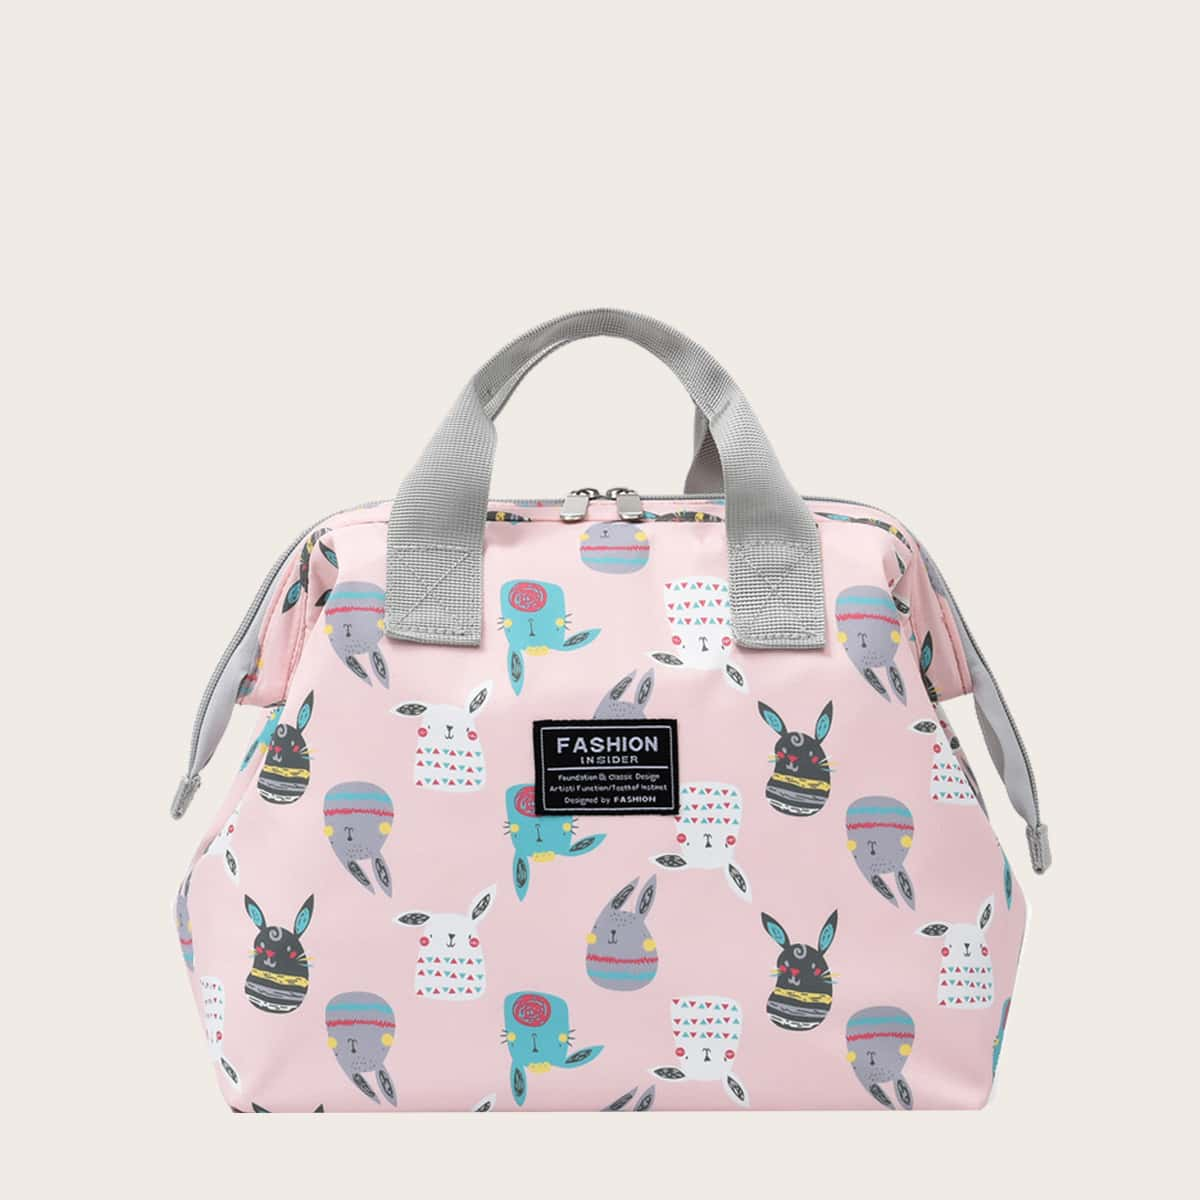 Cartoon Rabbit Graphic Satchel Bag